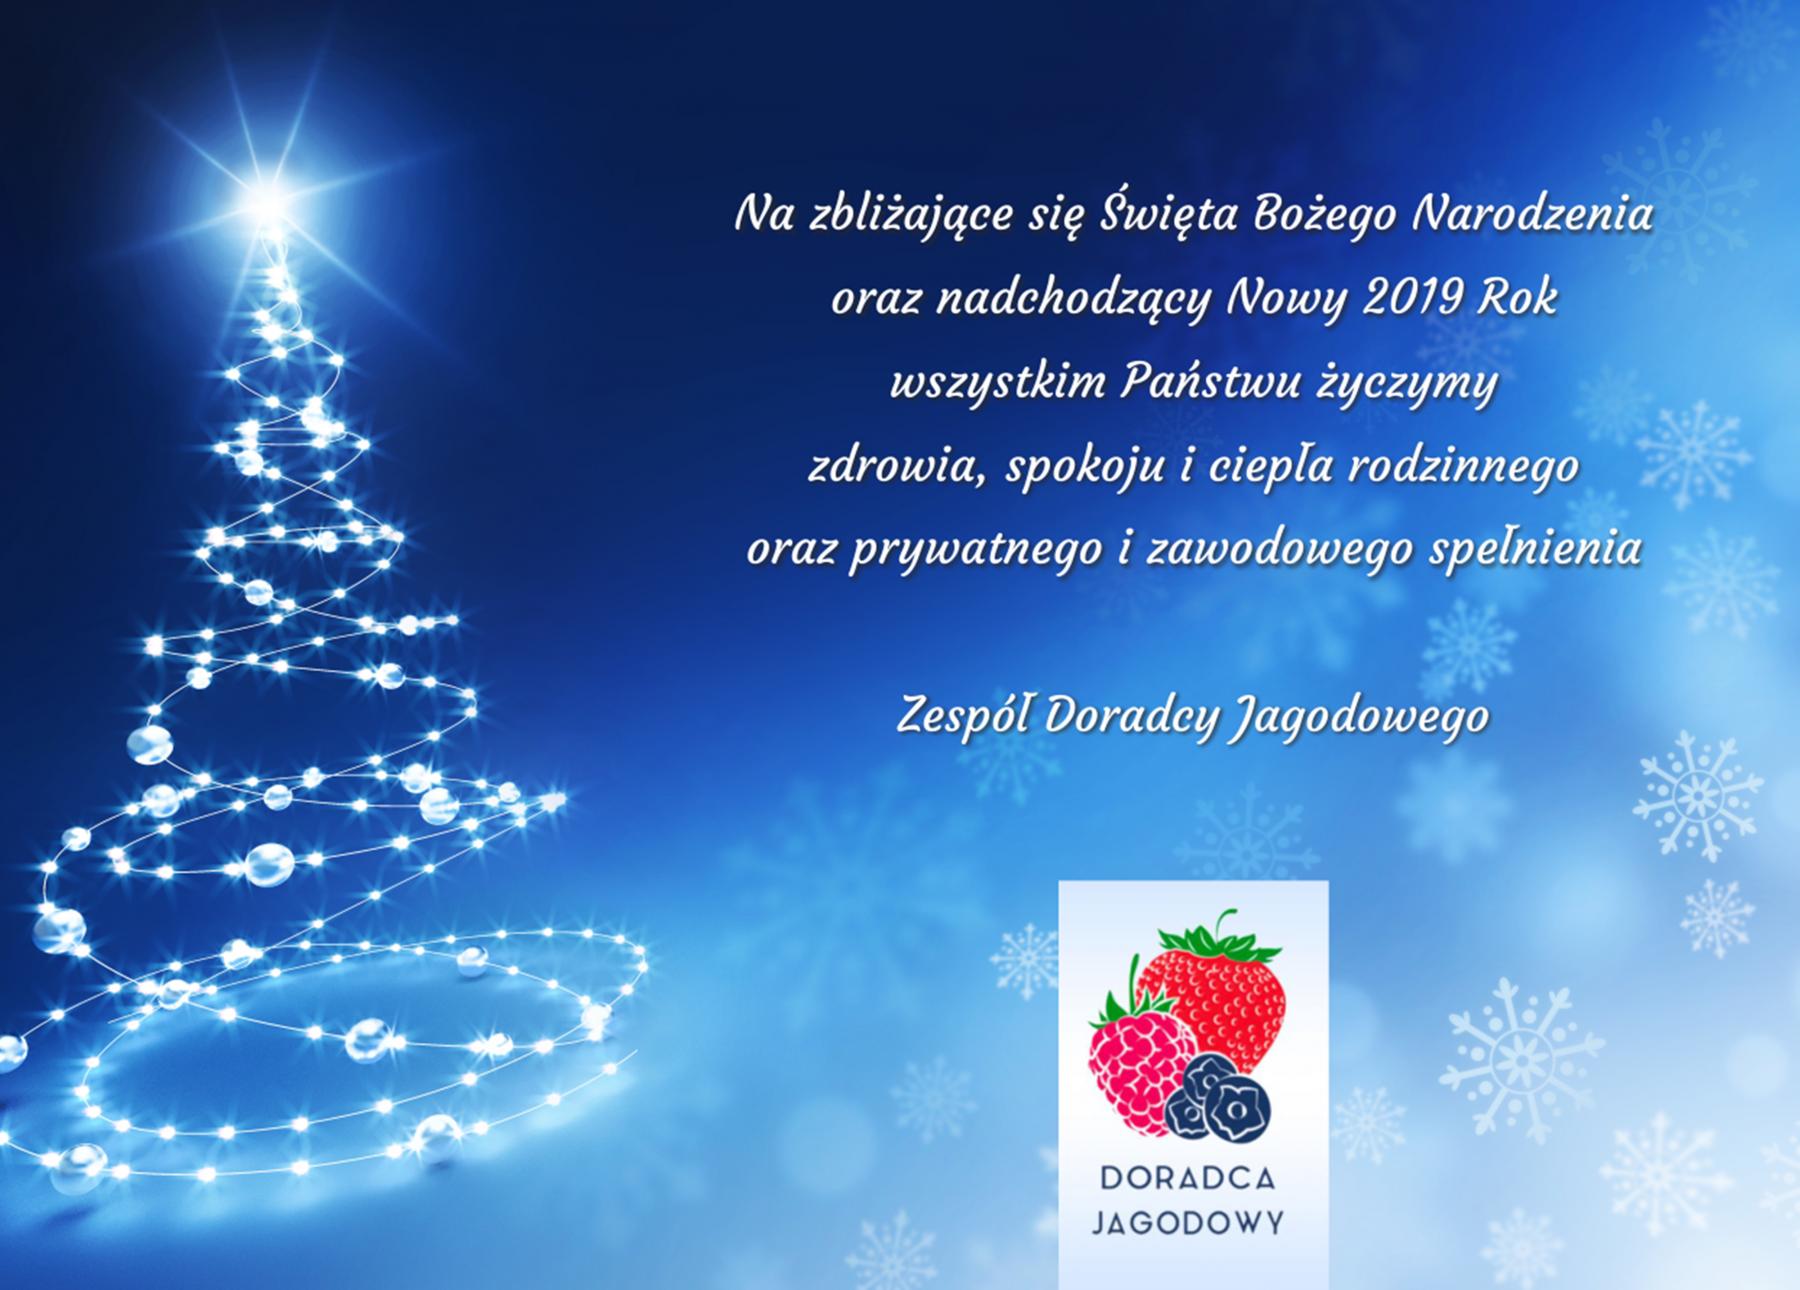 Wesołych Świąt oraz Szczęśliwego Nowego 2019 Roku